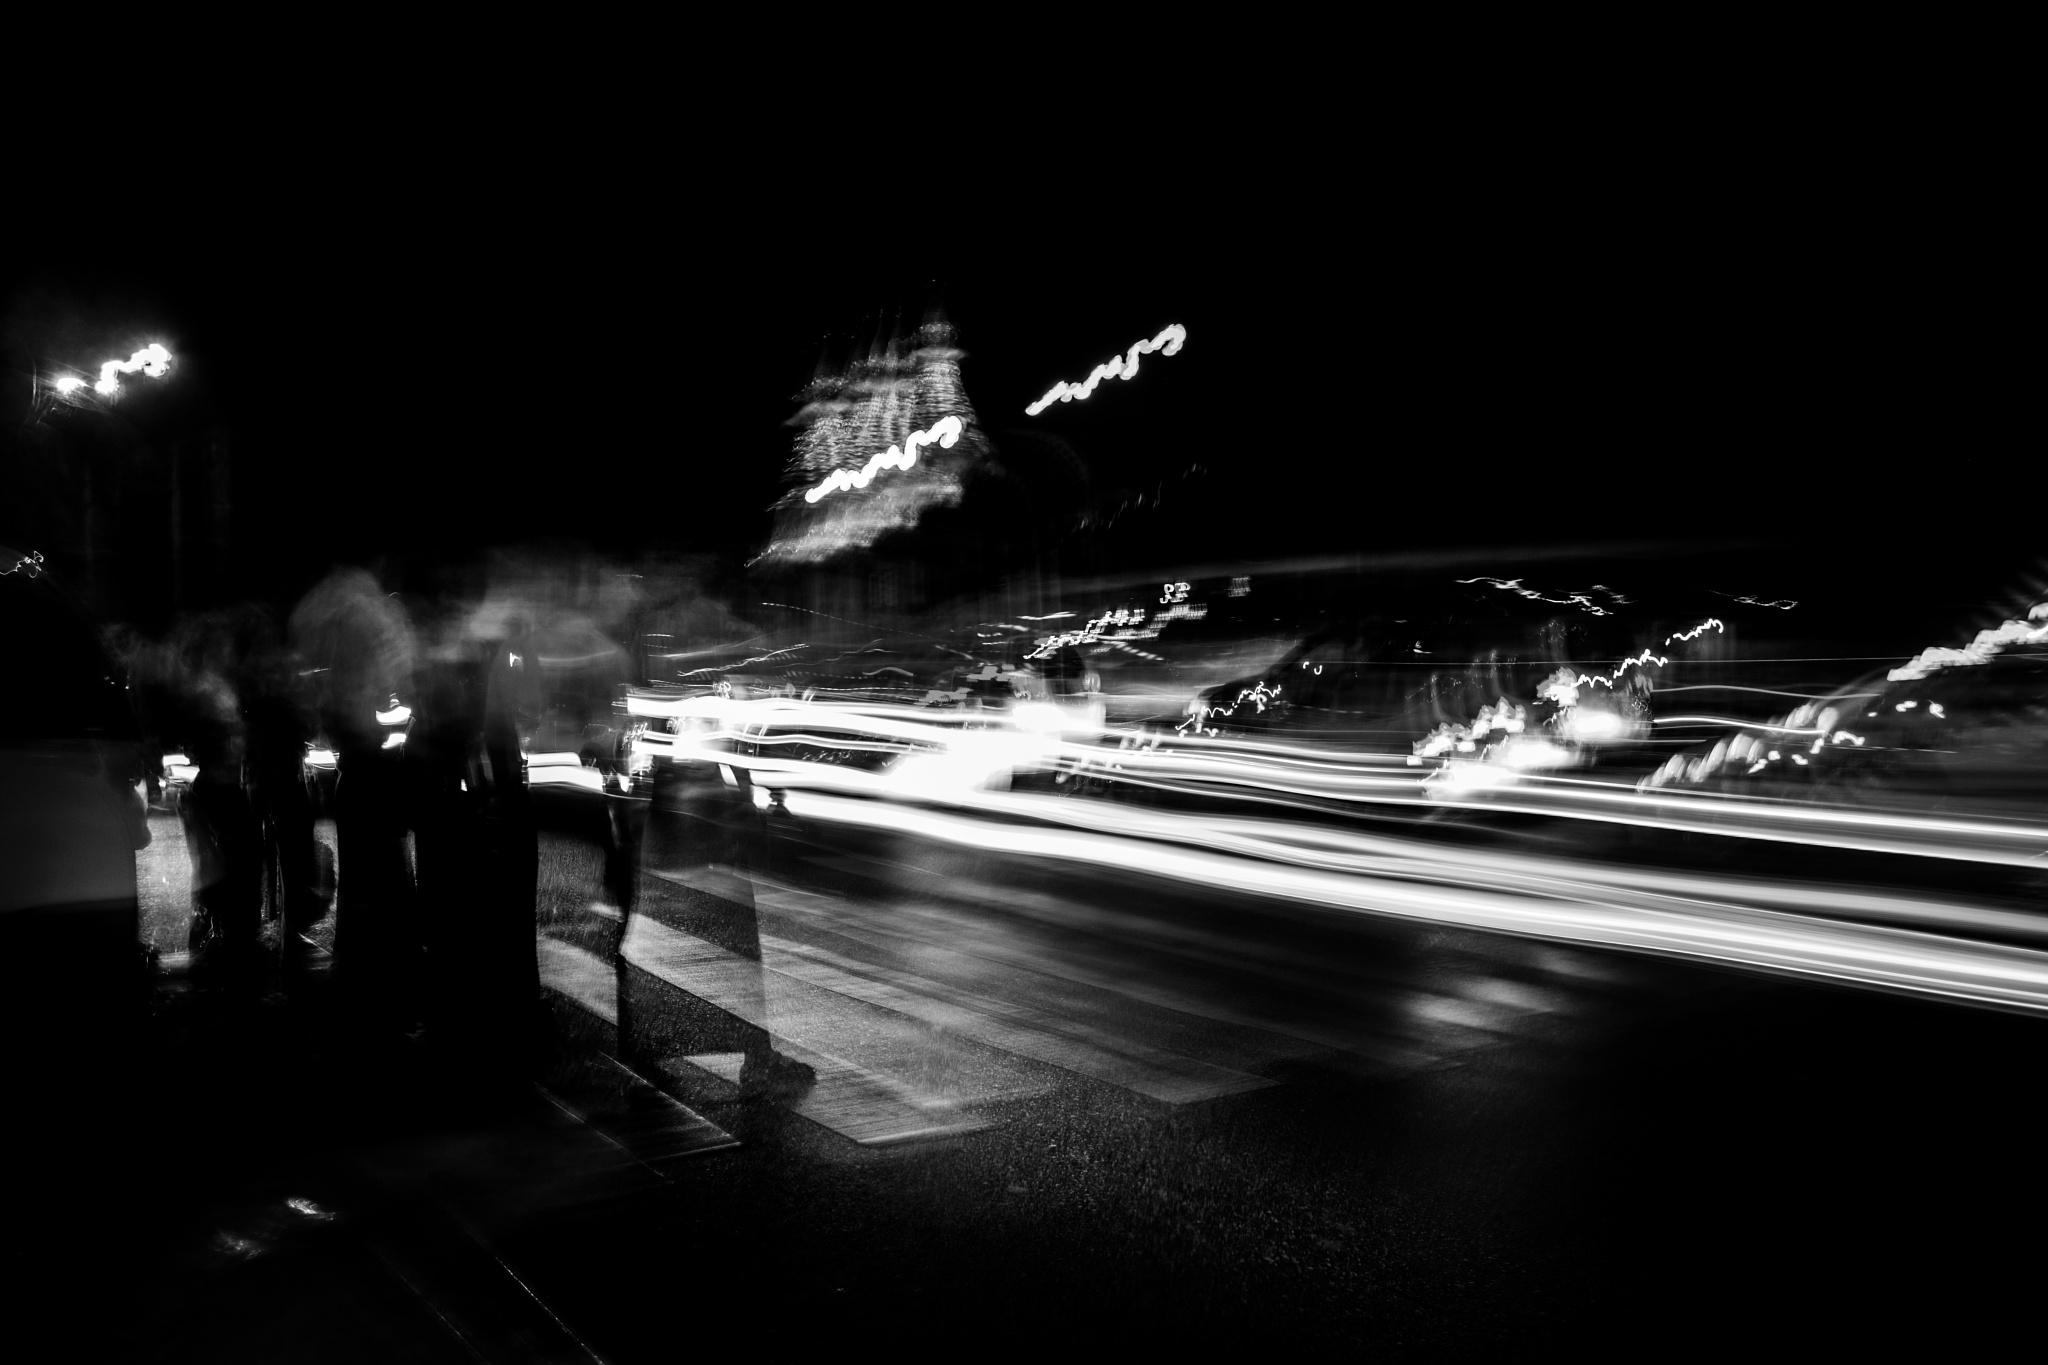 Yangon by Night by Hazel Vint